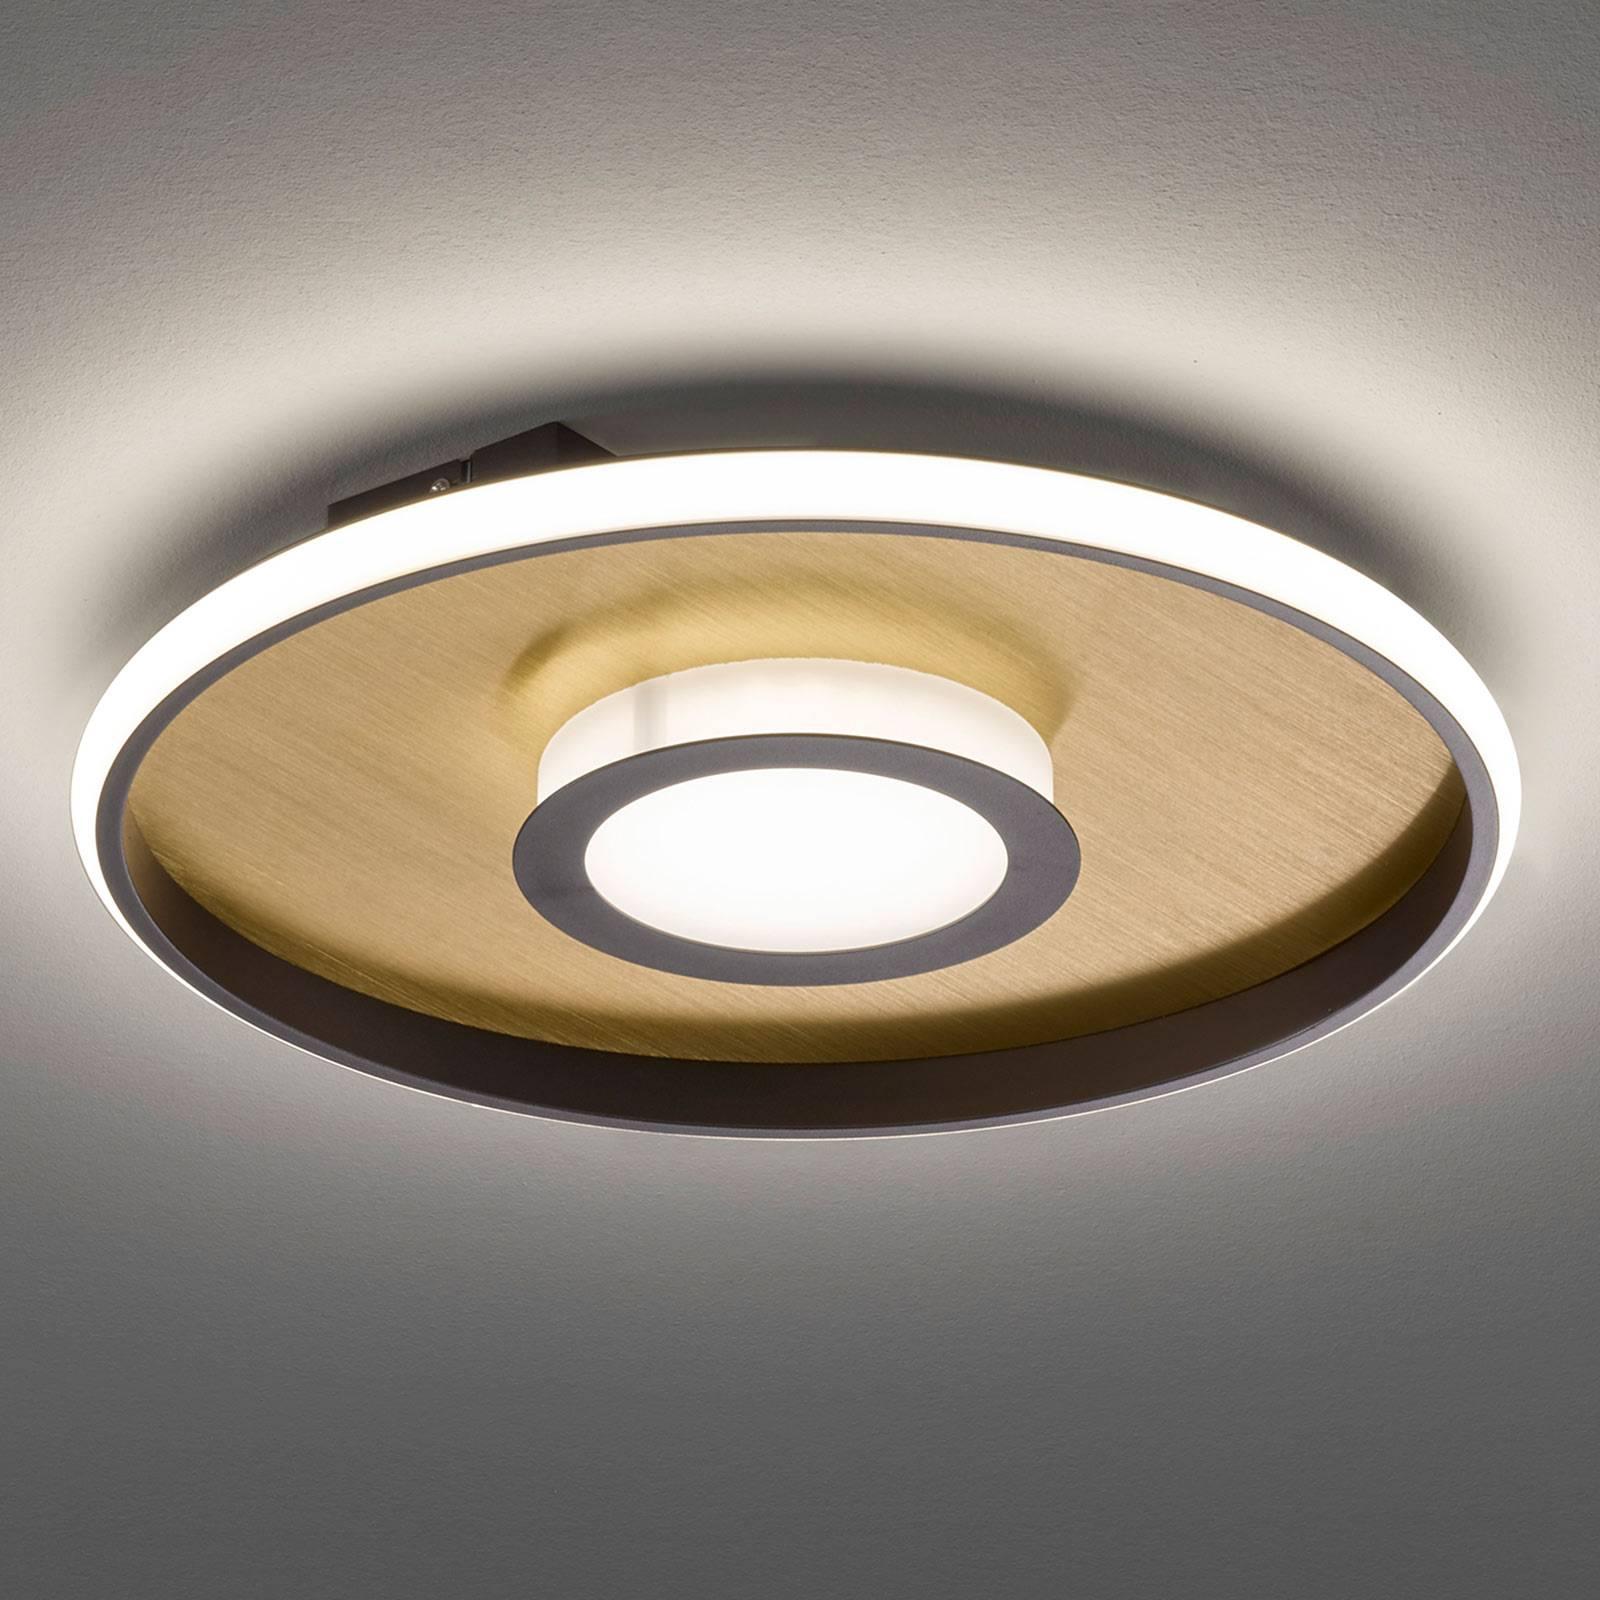 LED-kattovalaisin Zoe, pyöreä, kulta-ruoste, 60 cm